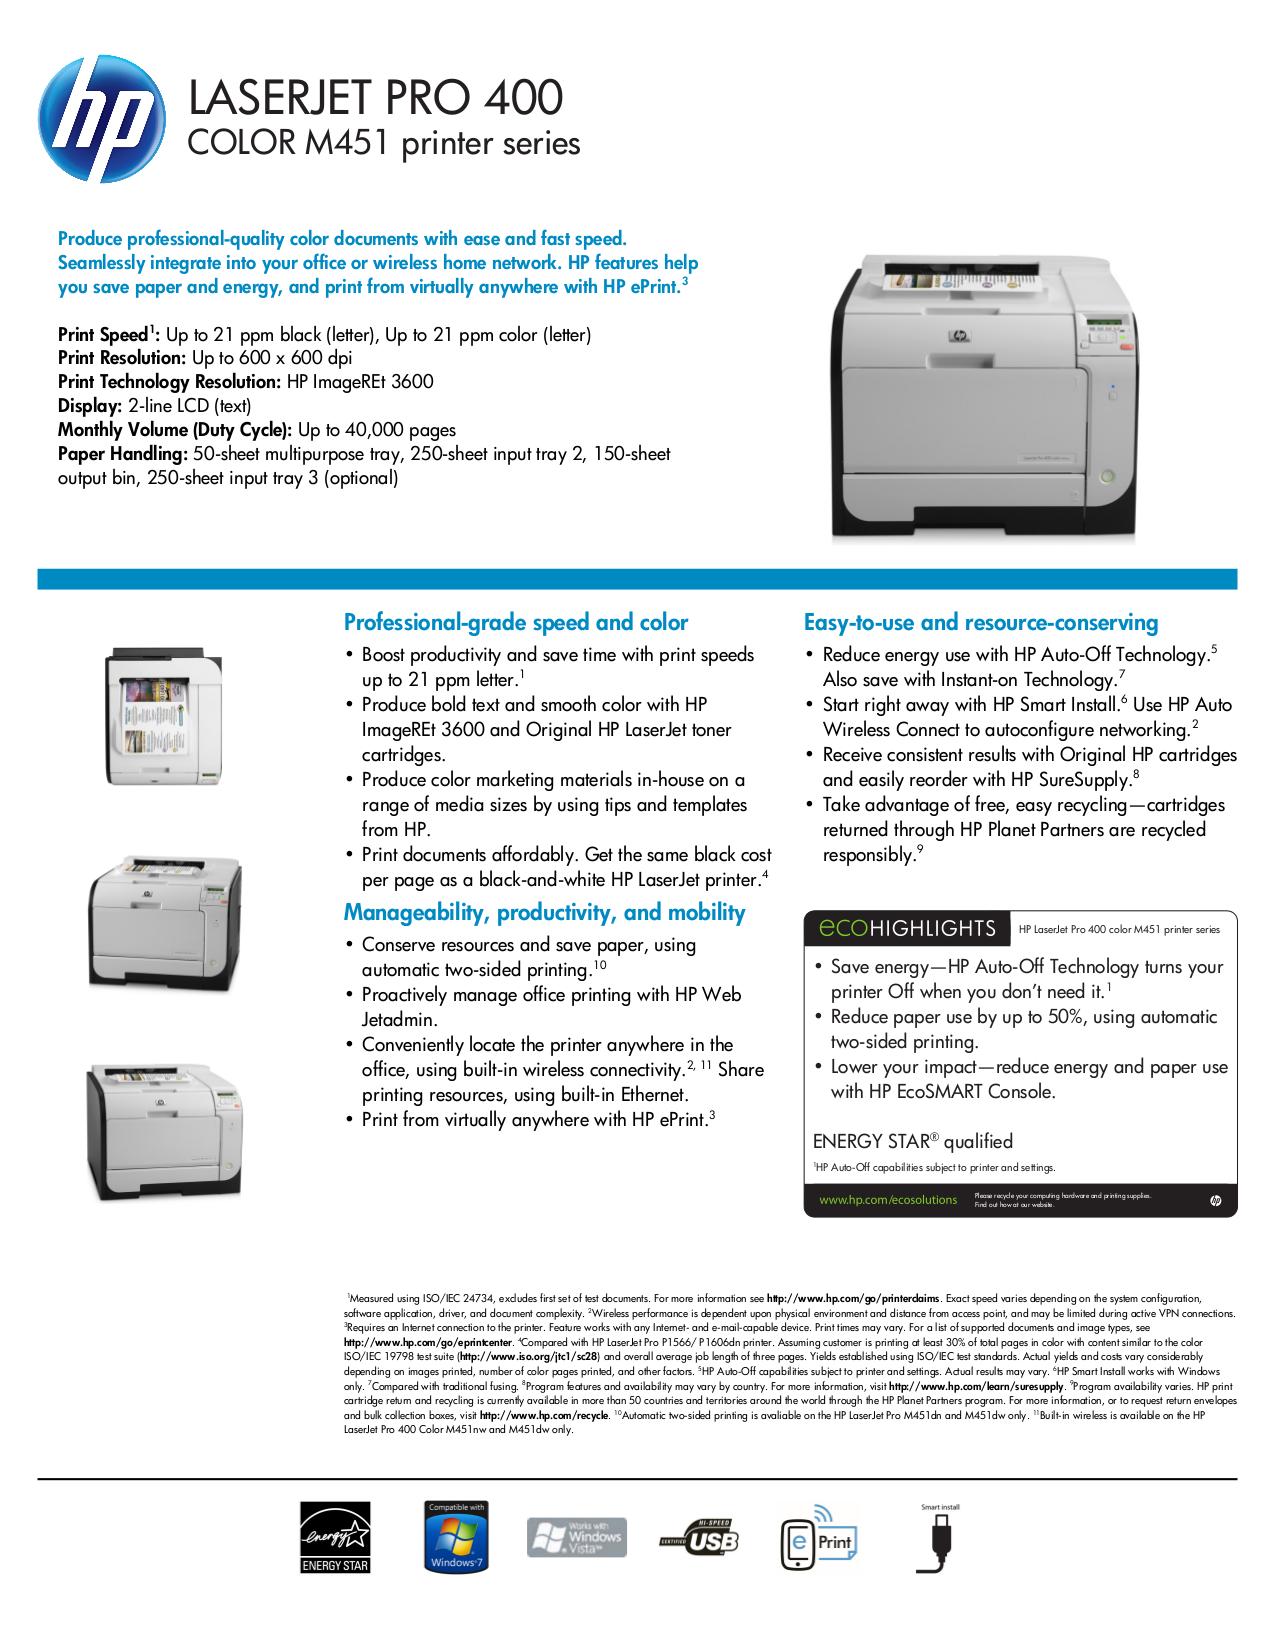 download free pdf for hp laserjet color laserjet pro p1566 printer rh umlib com hp laserjet 600 m602 support hp laserjet 600 manual pdf